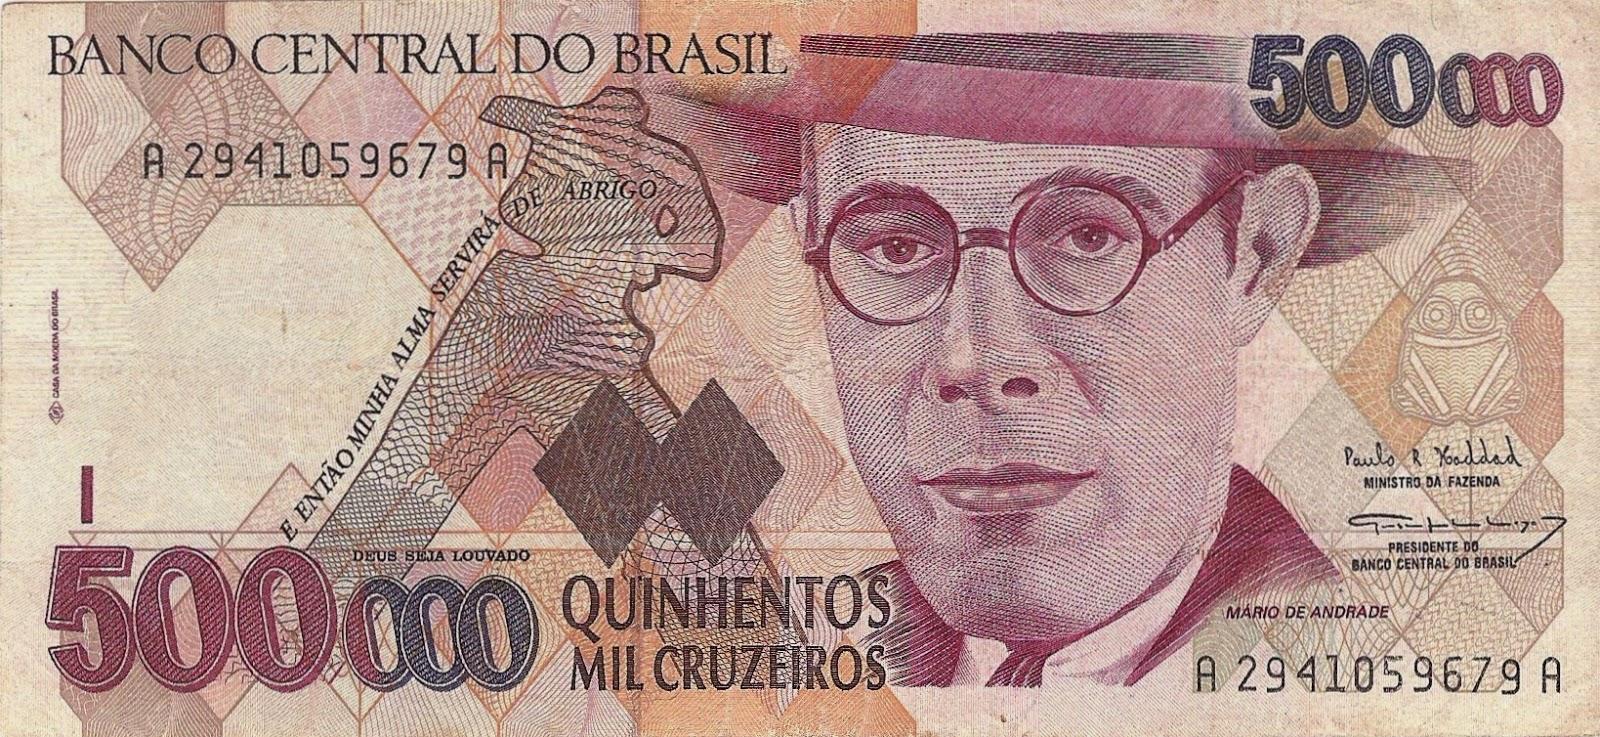 moedas do brasil cruzeiro 500000